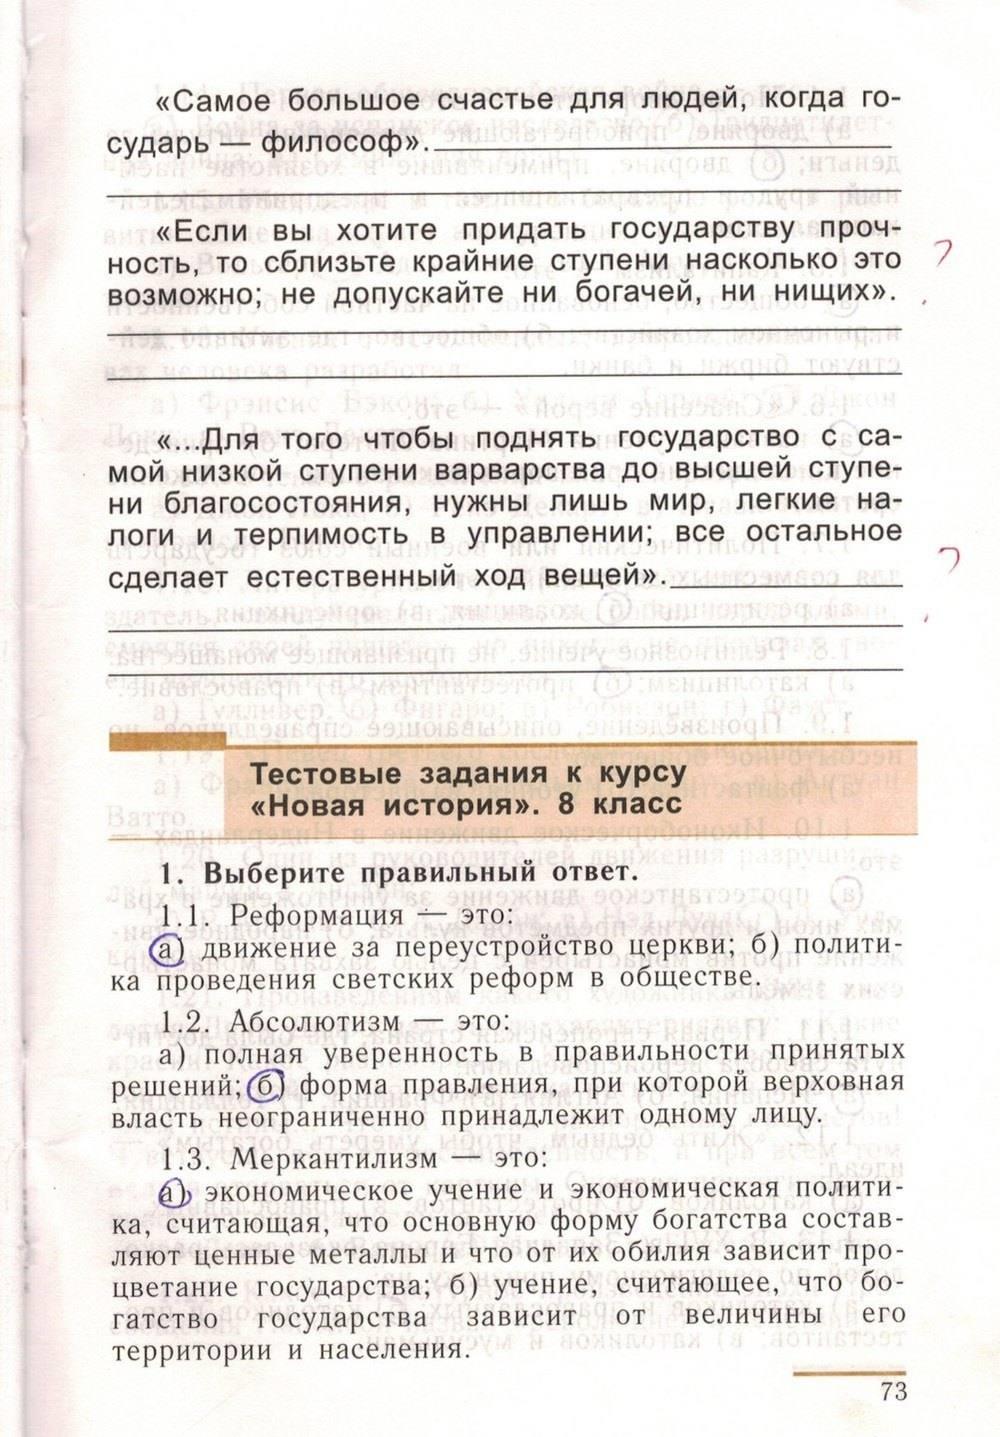 гдз по рабочей тетради история россии 7 класс юдовская